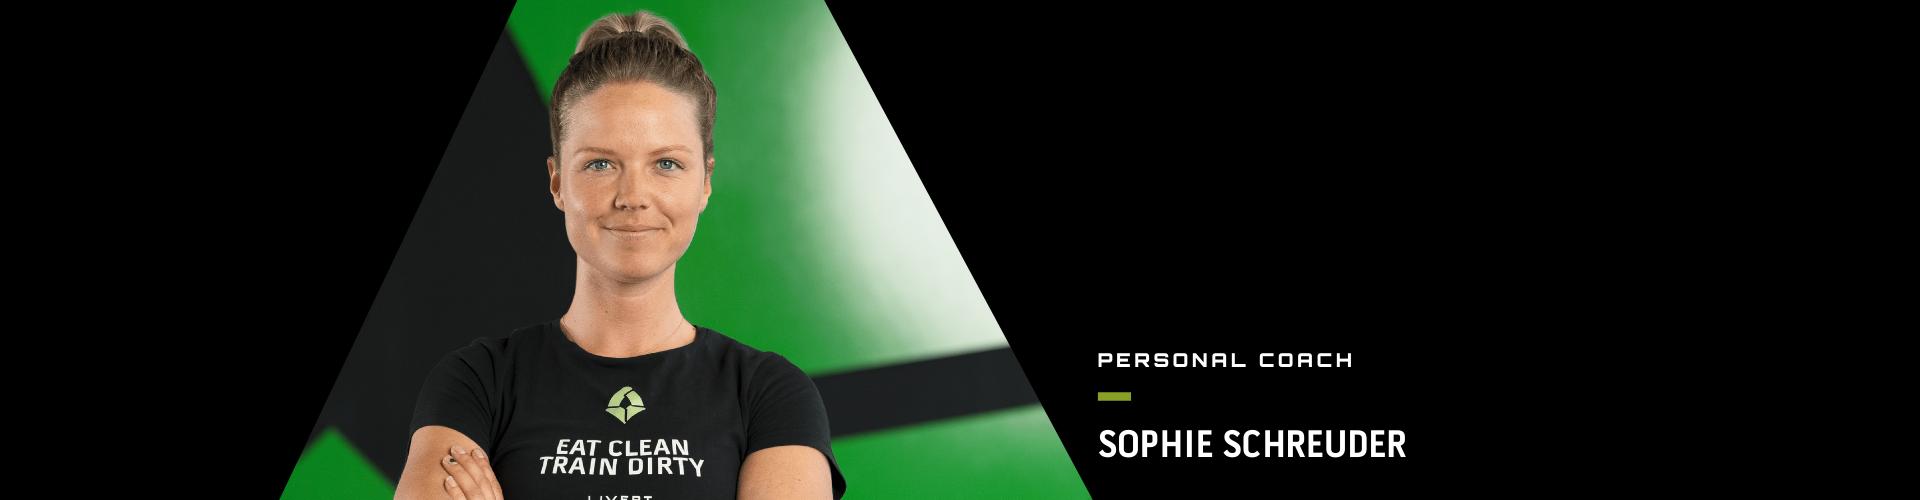 LIVEPT coach Sophie Schreuder